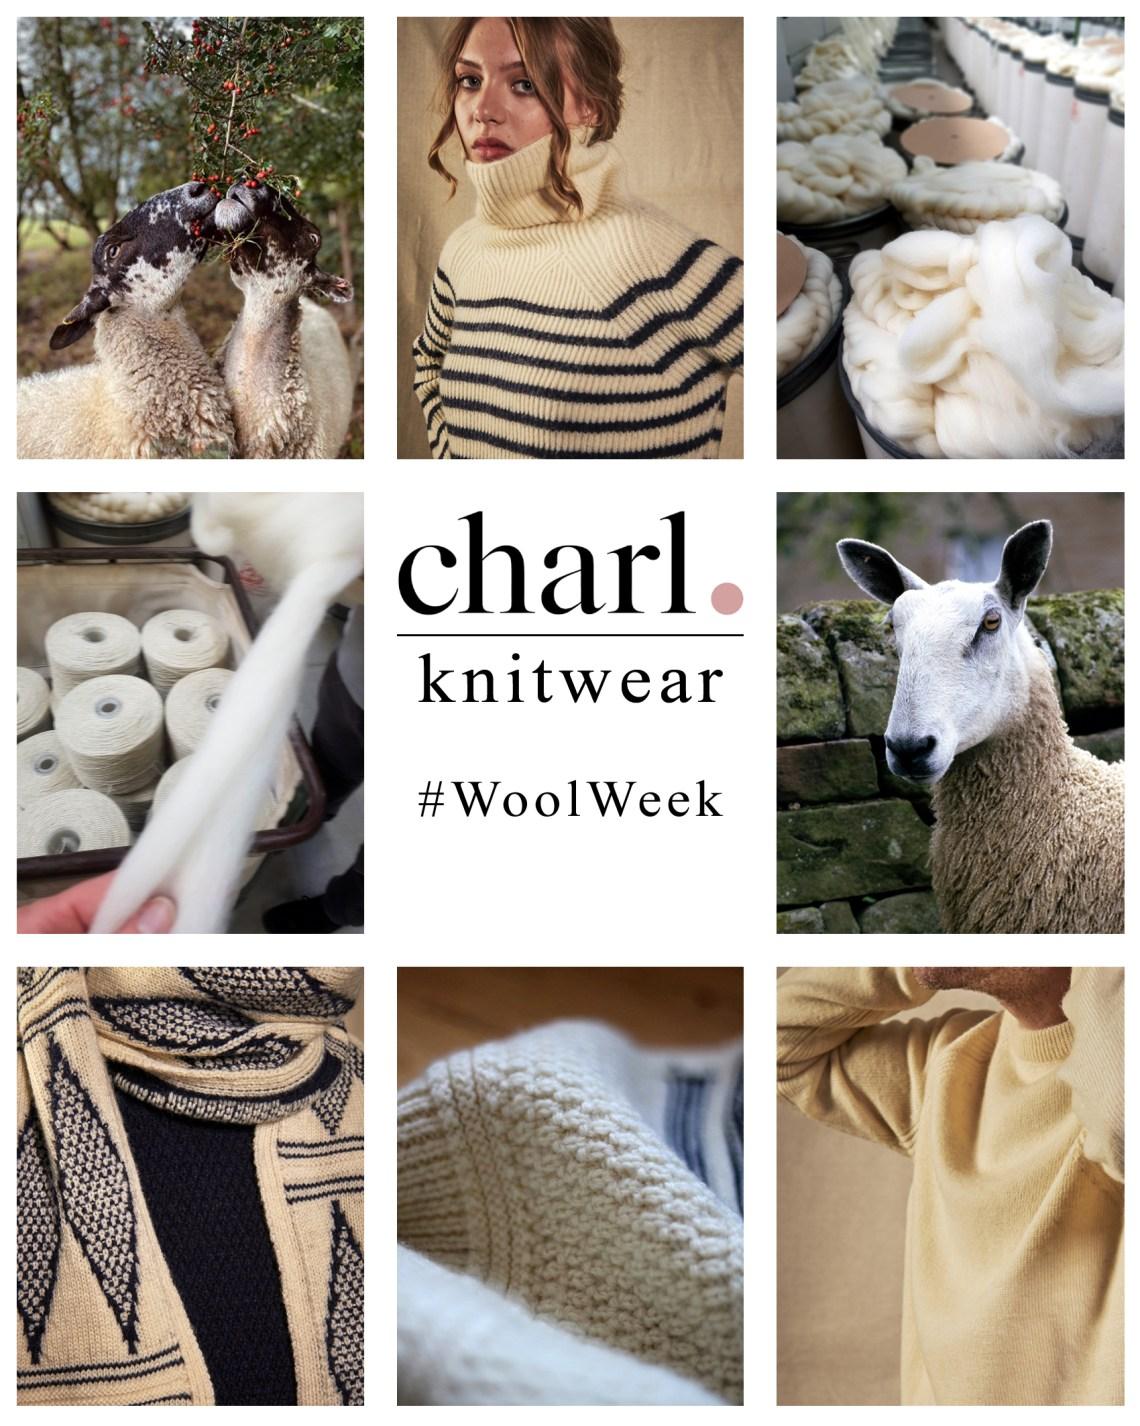 Charl Knitwear wool week